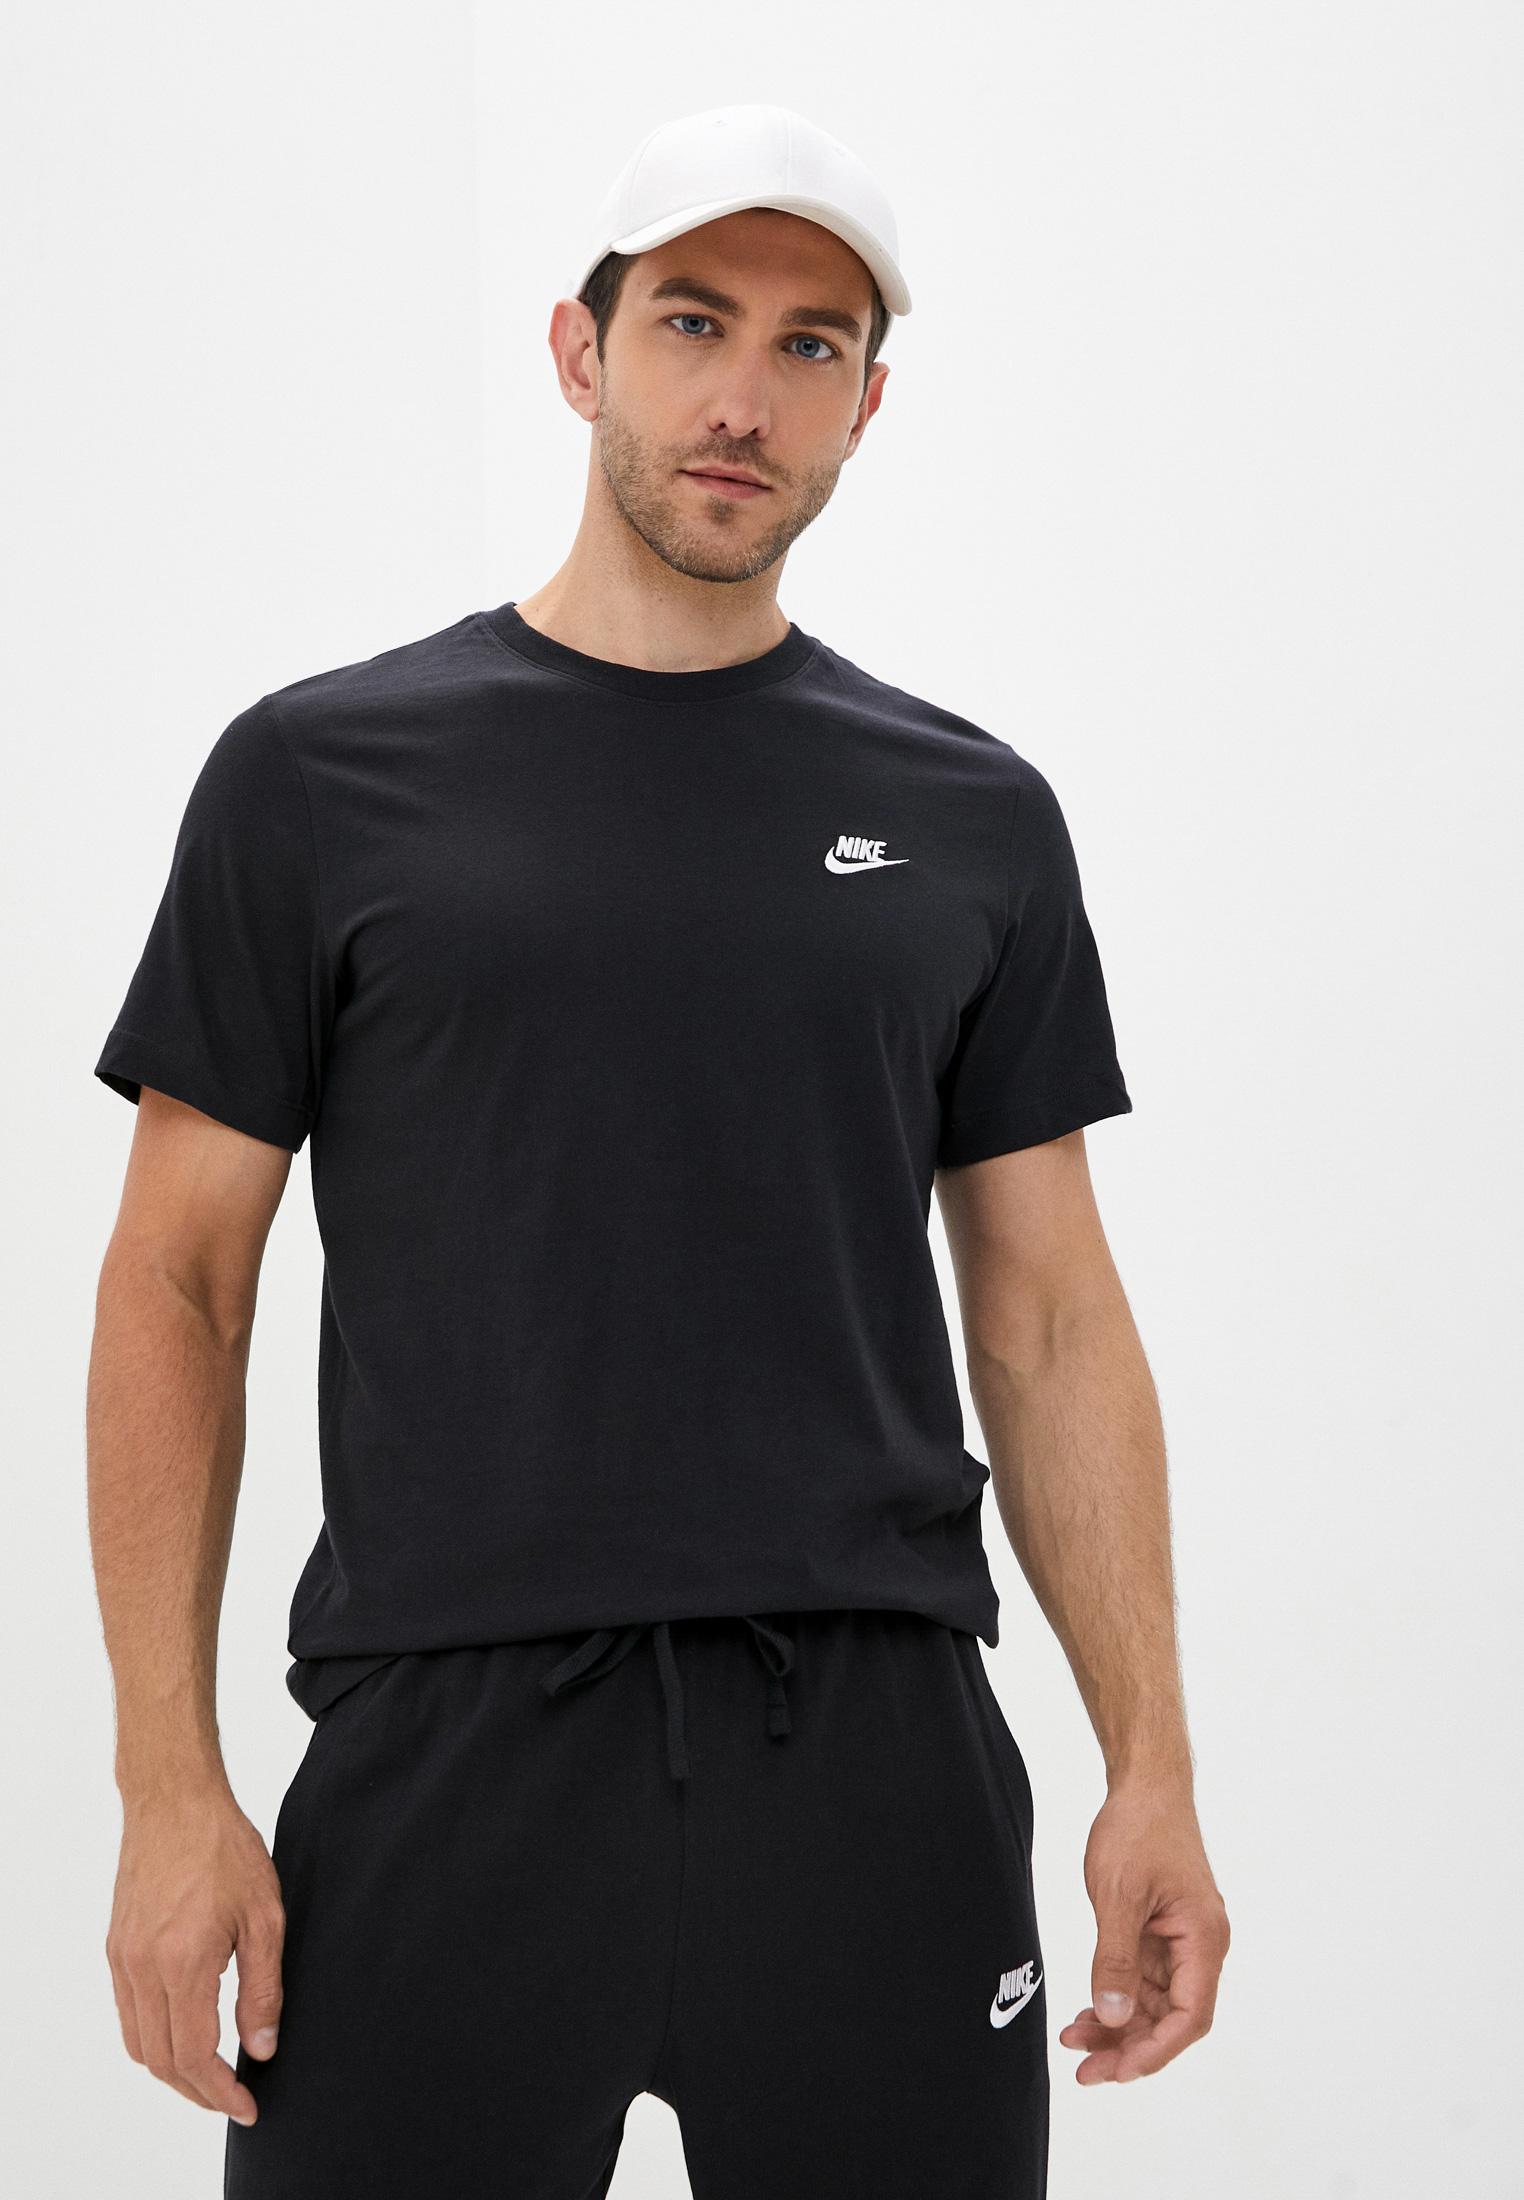 футболка найк мужская купить в спб